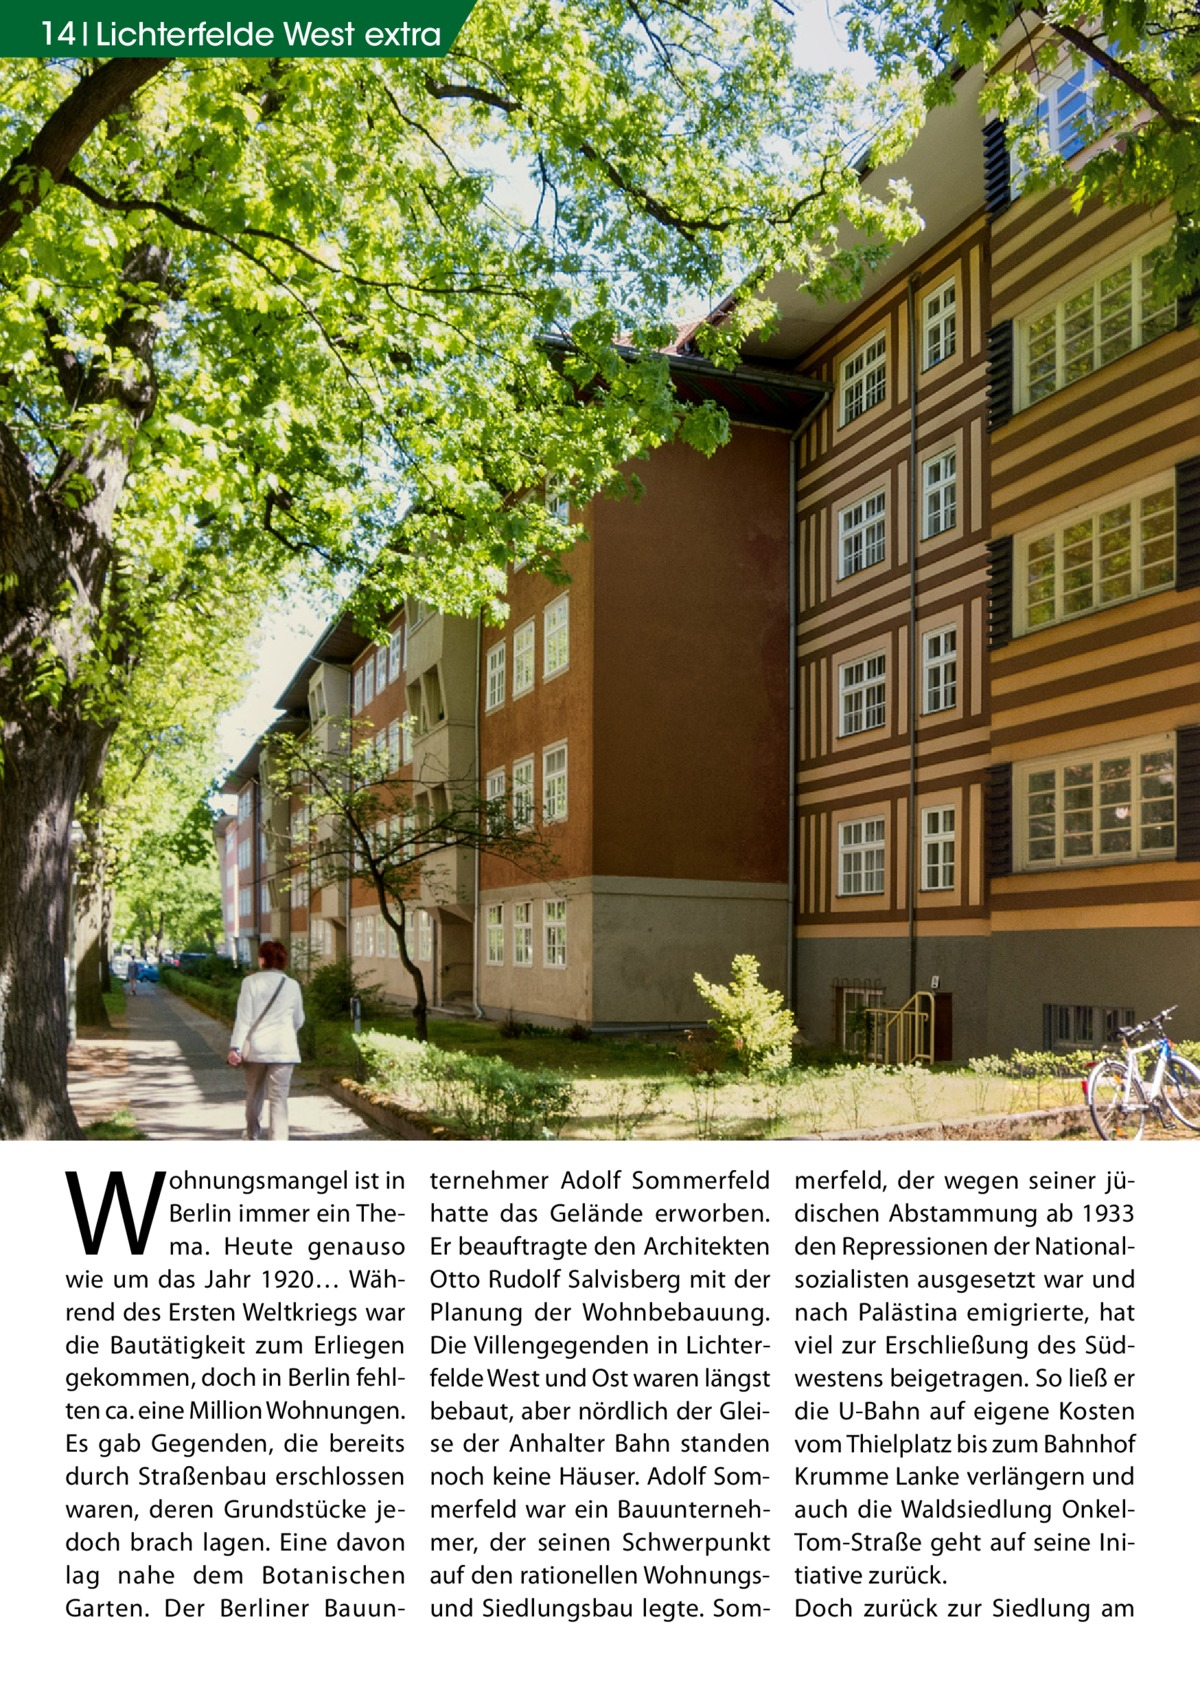 14 Lichterfelde West extra  W  ohnungsmangel ist in Berlin immer ein Thema. Heute genauso wie um das Jahr 1920… Während des Ersten Weltkriegs war die Bautätigkeit zum Erliegen gekommen, doch in Berlin fehlten ca. eine Million Wohnungen. Es gab Gegenden, die bereits durch Straßenbau erschlossen waren, deren Grundstücke jedoch brach lagen. Eine davon lag nahe dem Botanischen Garten. Der Berliner Bauun ternehmer Adolf Sommerfeld hatte das Gelände erworben. Er beauftragte den Architekten Otto Rudolf Salvisberg mit der Planung der Wohnbebauung. Die Villengegenden in Lichterfelde West und Ost waren längst bebaut, aber nördlich der Gleise der Anhalter Bahn standen noch keine Häuser. Adolf Sommerfeld war ein Bauunternehmer, der seinen Schwerpunkt auf den rationellen Wohnungsund Siedlungsbau legte. Som merfeld, der wegen seiner jüdischen Abstammung ab 1933 den Repressionen der Nationalsozialisten ausgesetzt war und nach Palästina emigrierte, hat viel zur Erschließung des Südwestens beigetragen. So ließ er die U-Bahn auf eigene Kosten vom Thielplatz bis zum Bahnhof Krumme Lanke verlängern und auch die Waldsiedlung OnkelTom-Straße geht auf seine Initiative zurück. Doch zurück zur Siedlung am